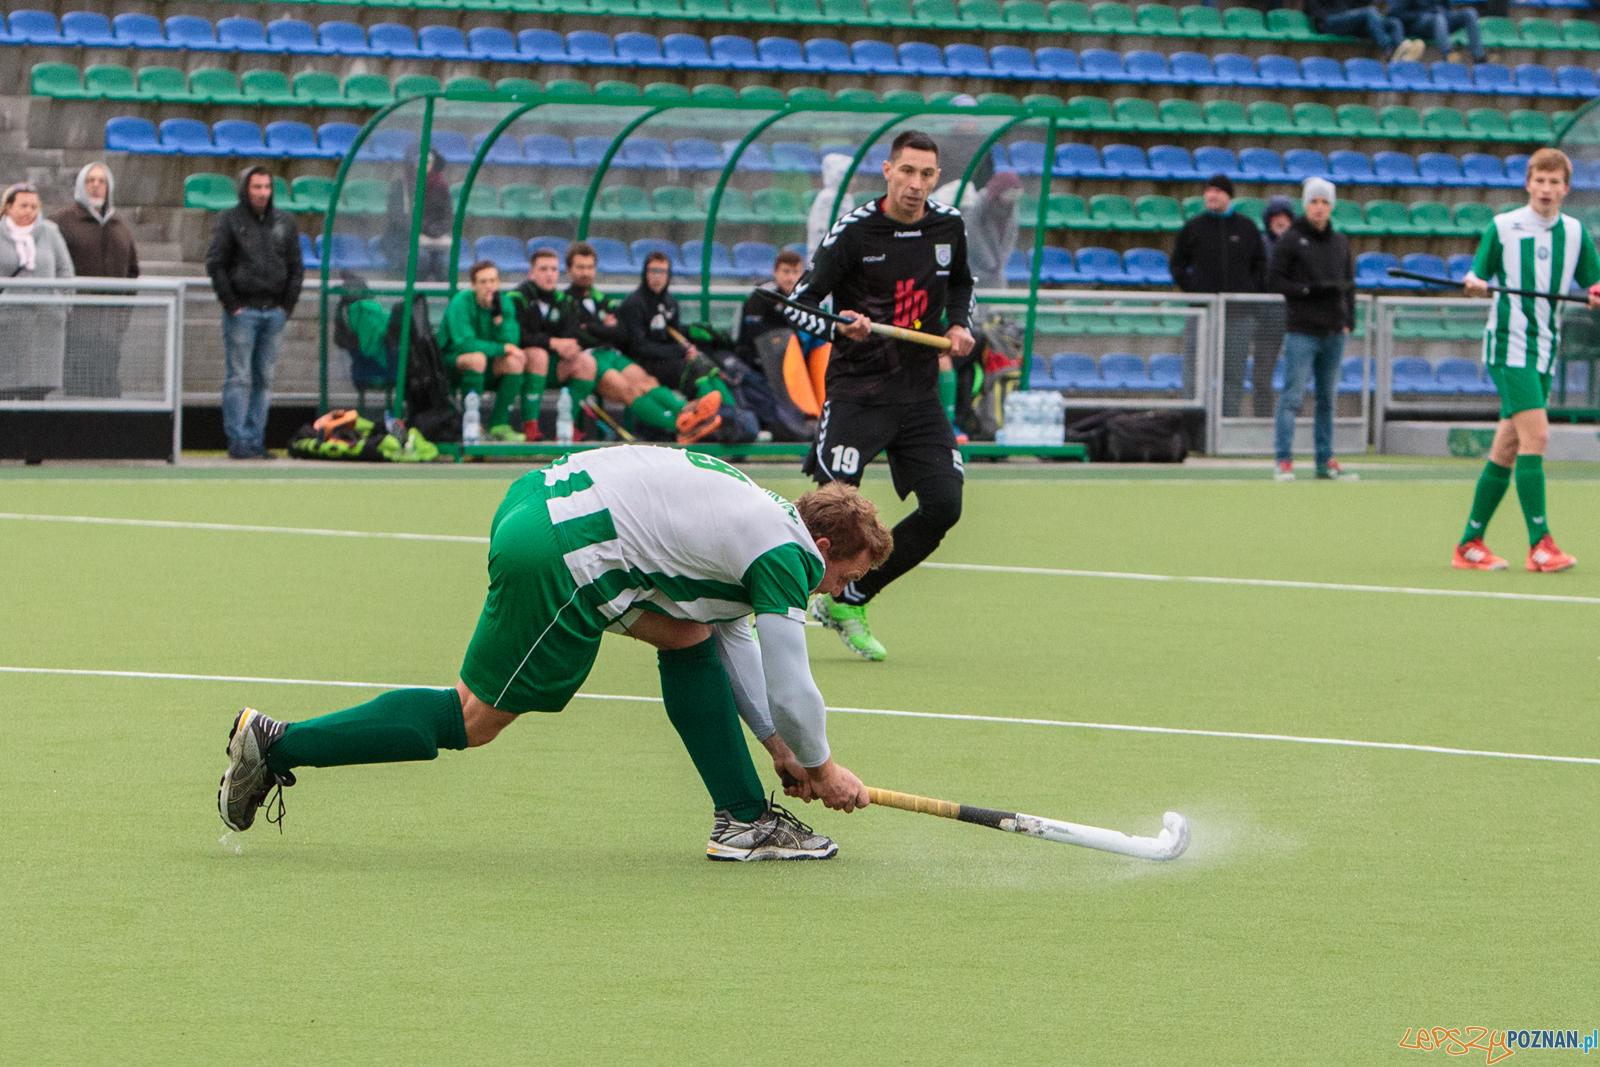 Hokej na trawie: Grunwald Poznań vs Warta Poznań - Poznań 29.  Foto: LepszyPOZNAN.pl / Paweł Rychter